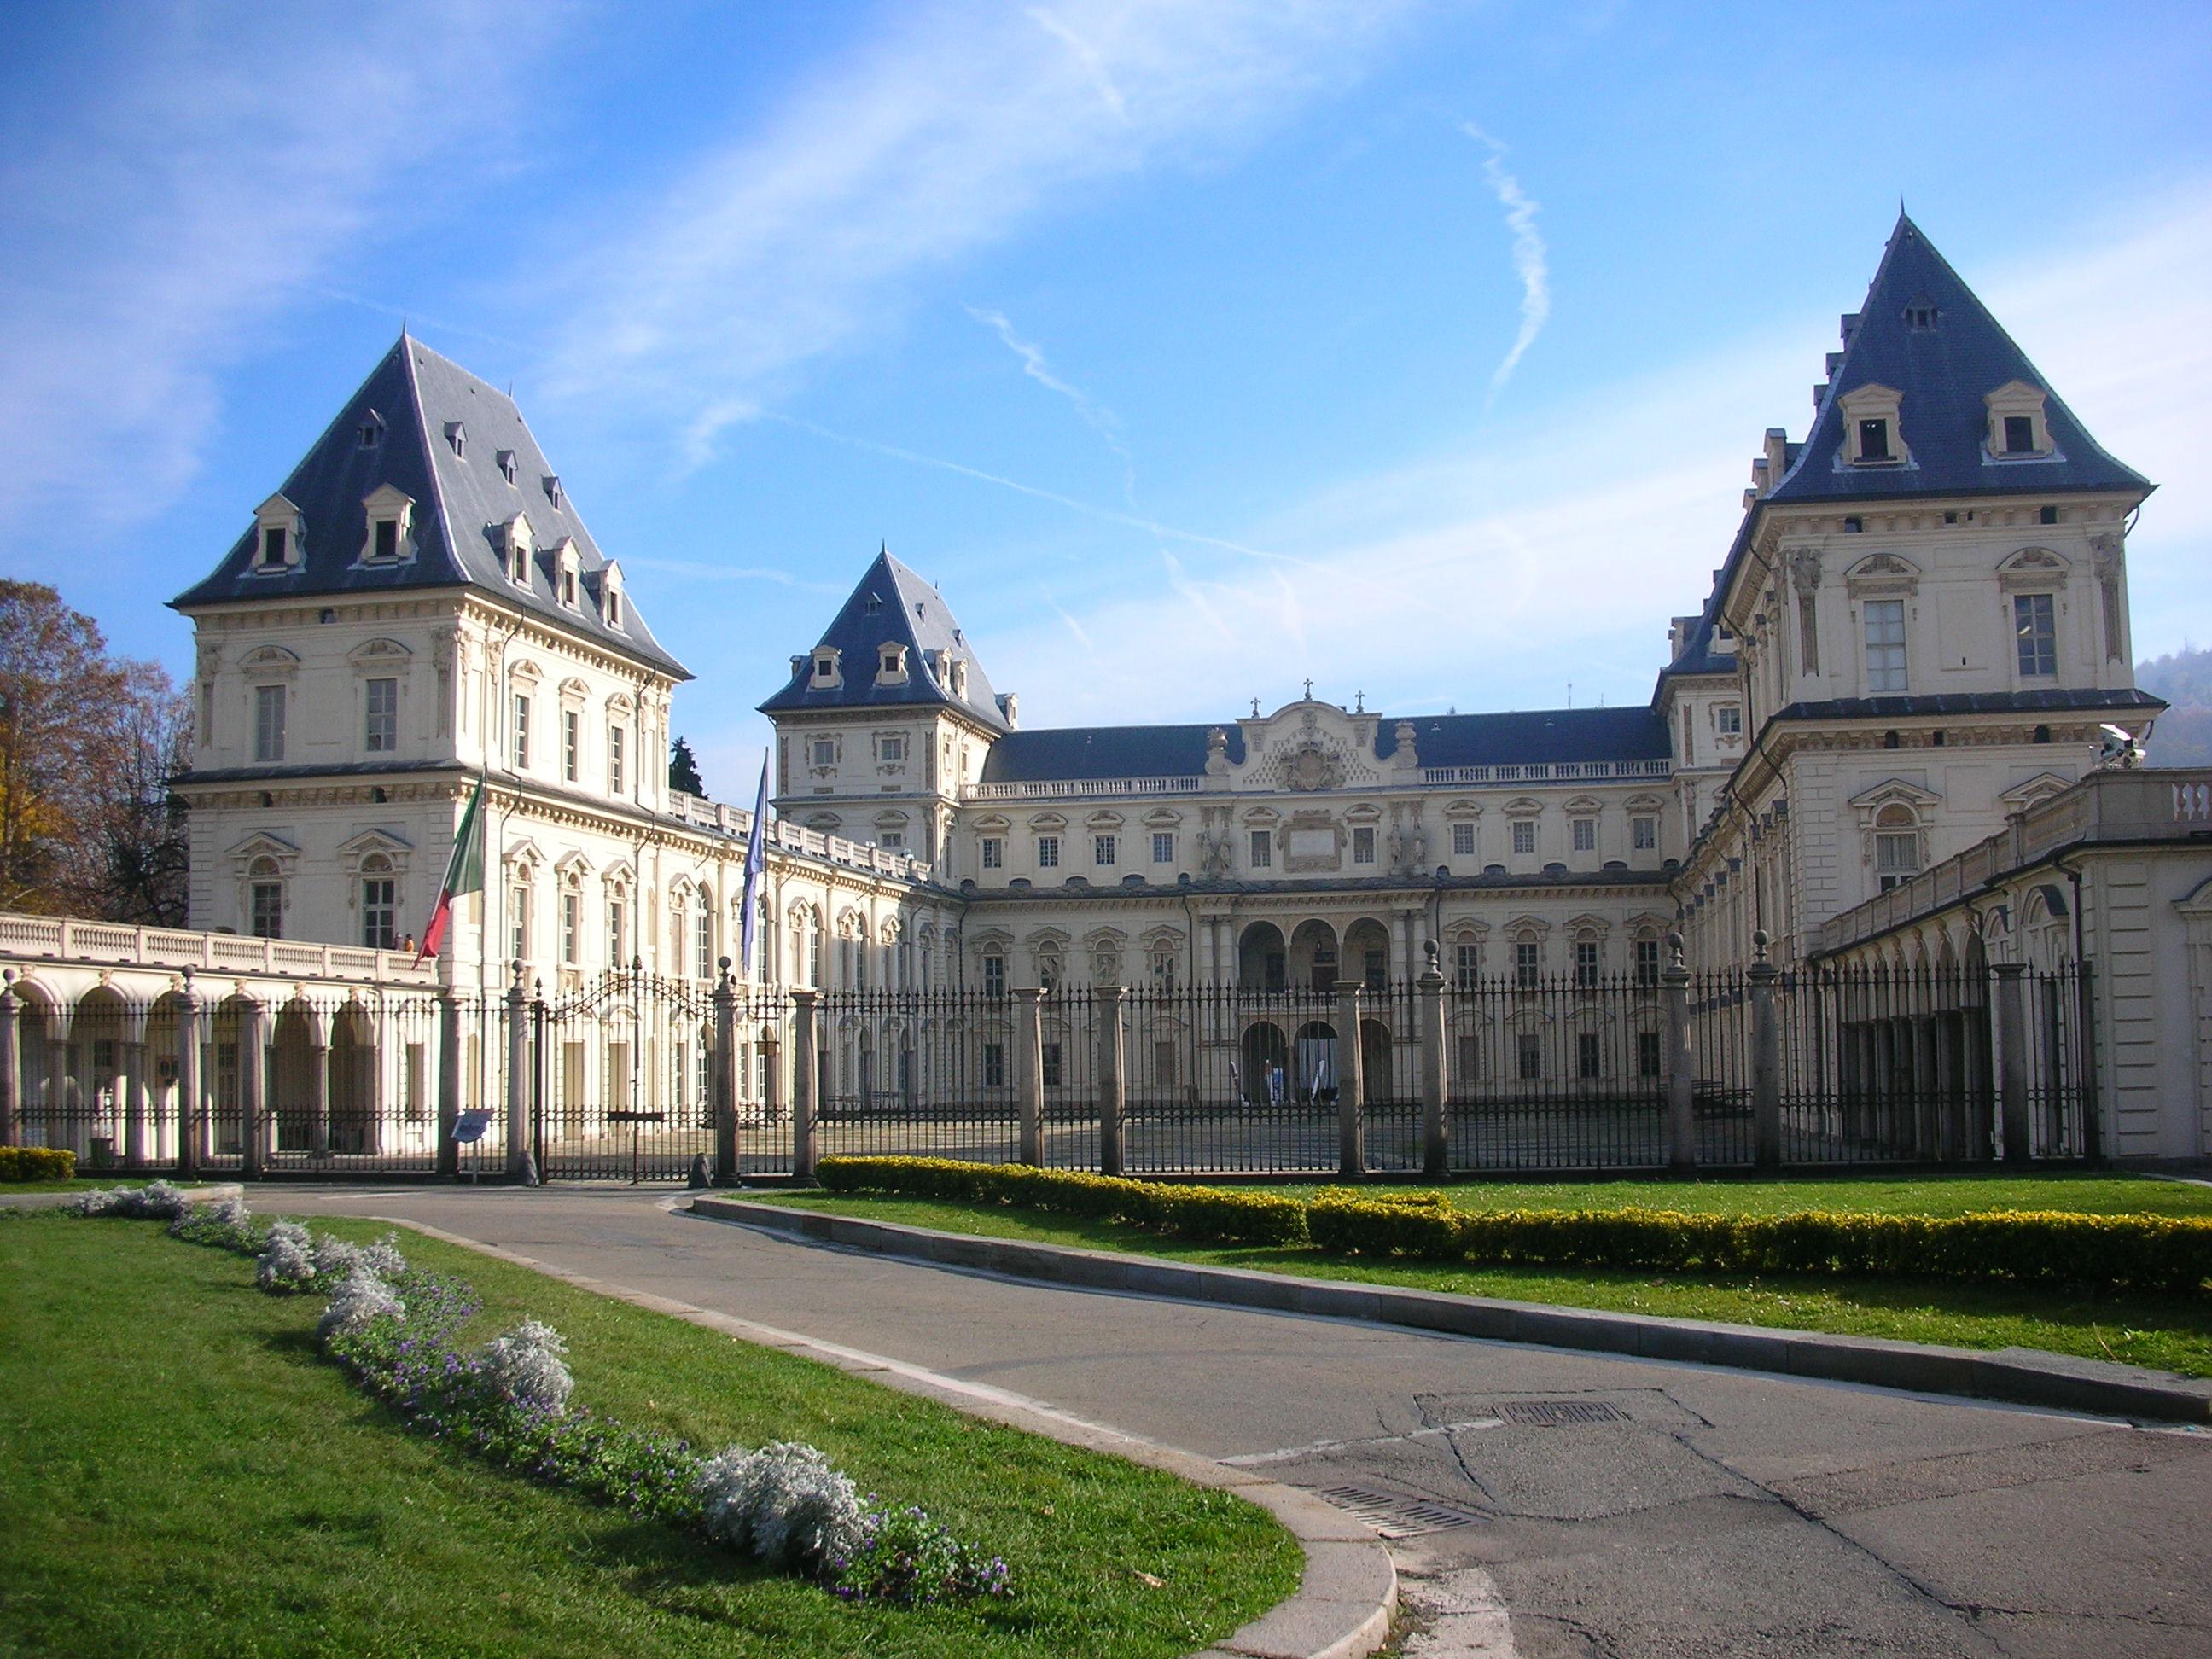 Замок Валентино XVI—XVII веков — одна из резиденций Савойского дома. Фото: ru.wikipedia.org